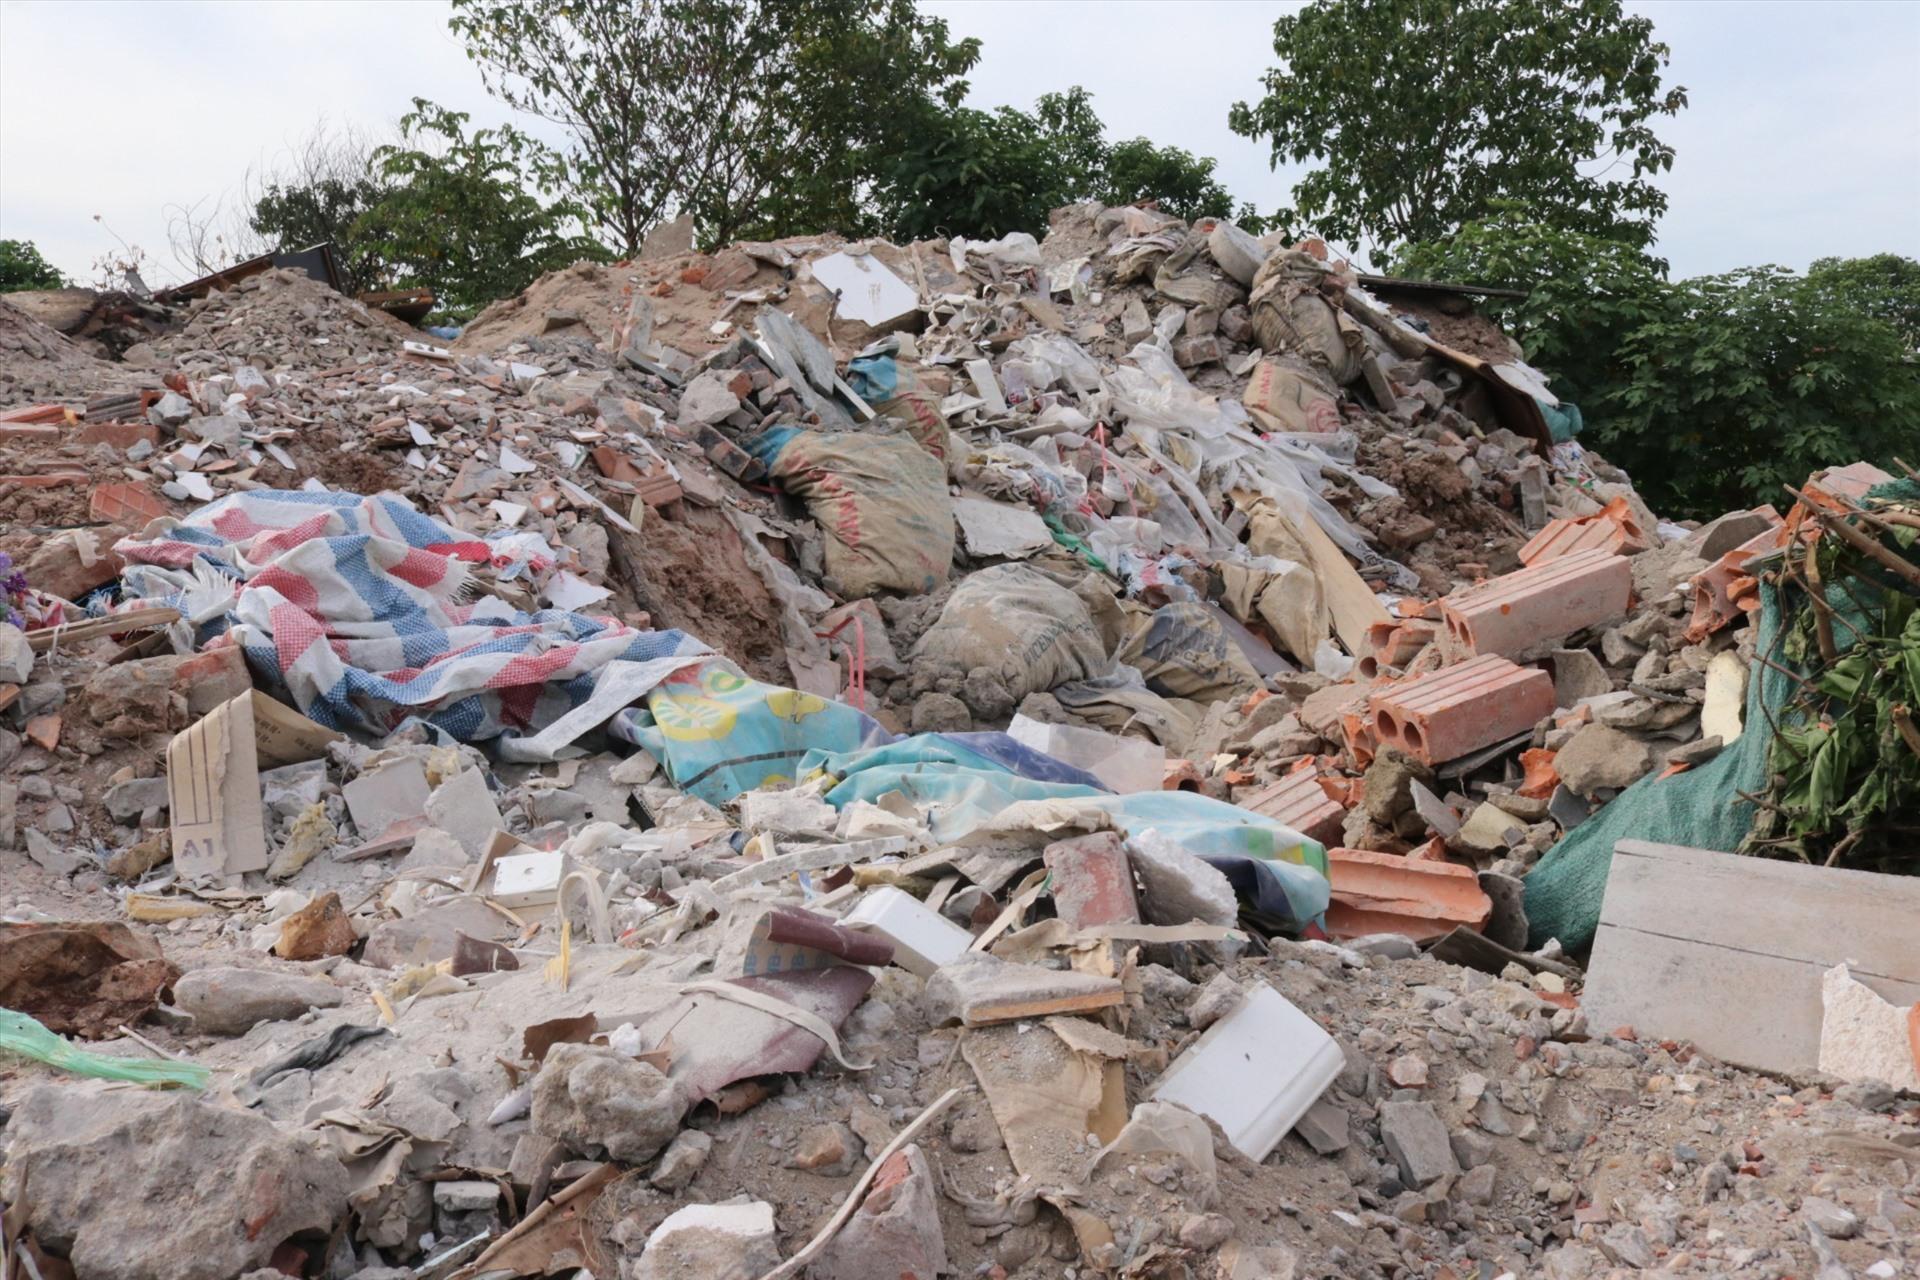 Bãi rác chất cao ngồn ngộn, ảnh hưởng đến đời sống sinh hoạt của người dân.